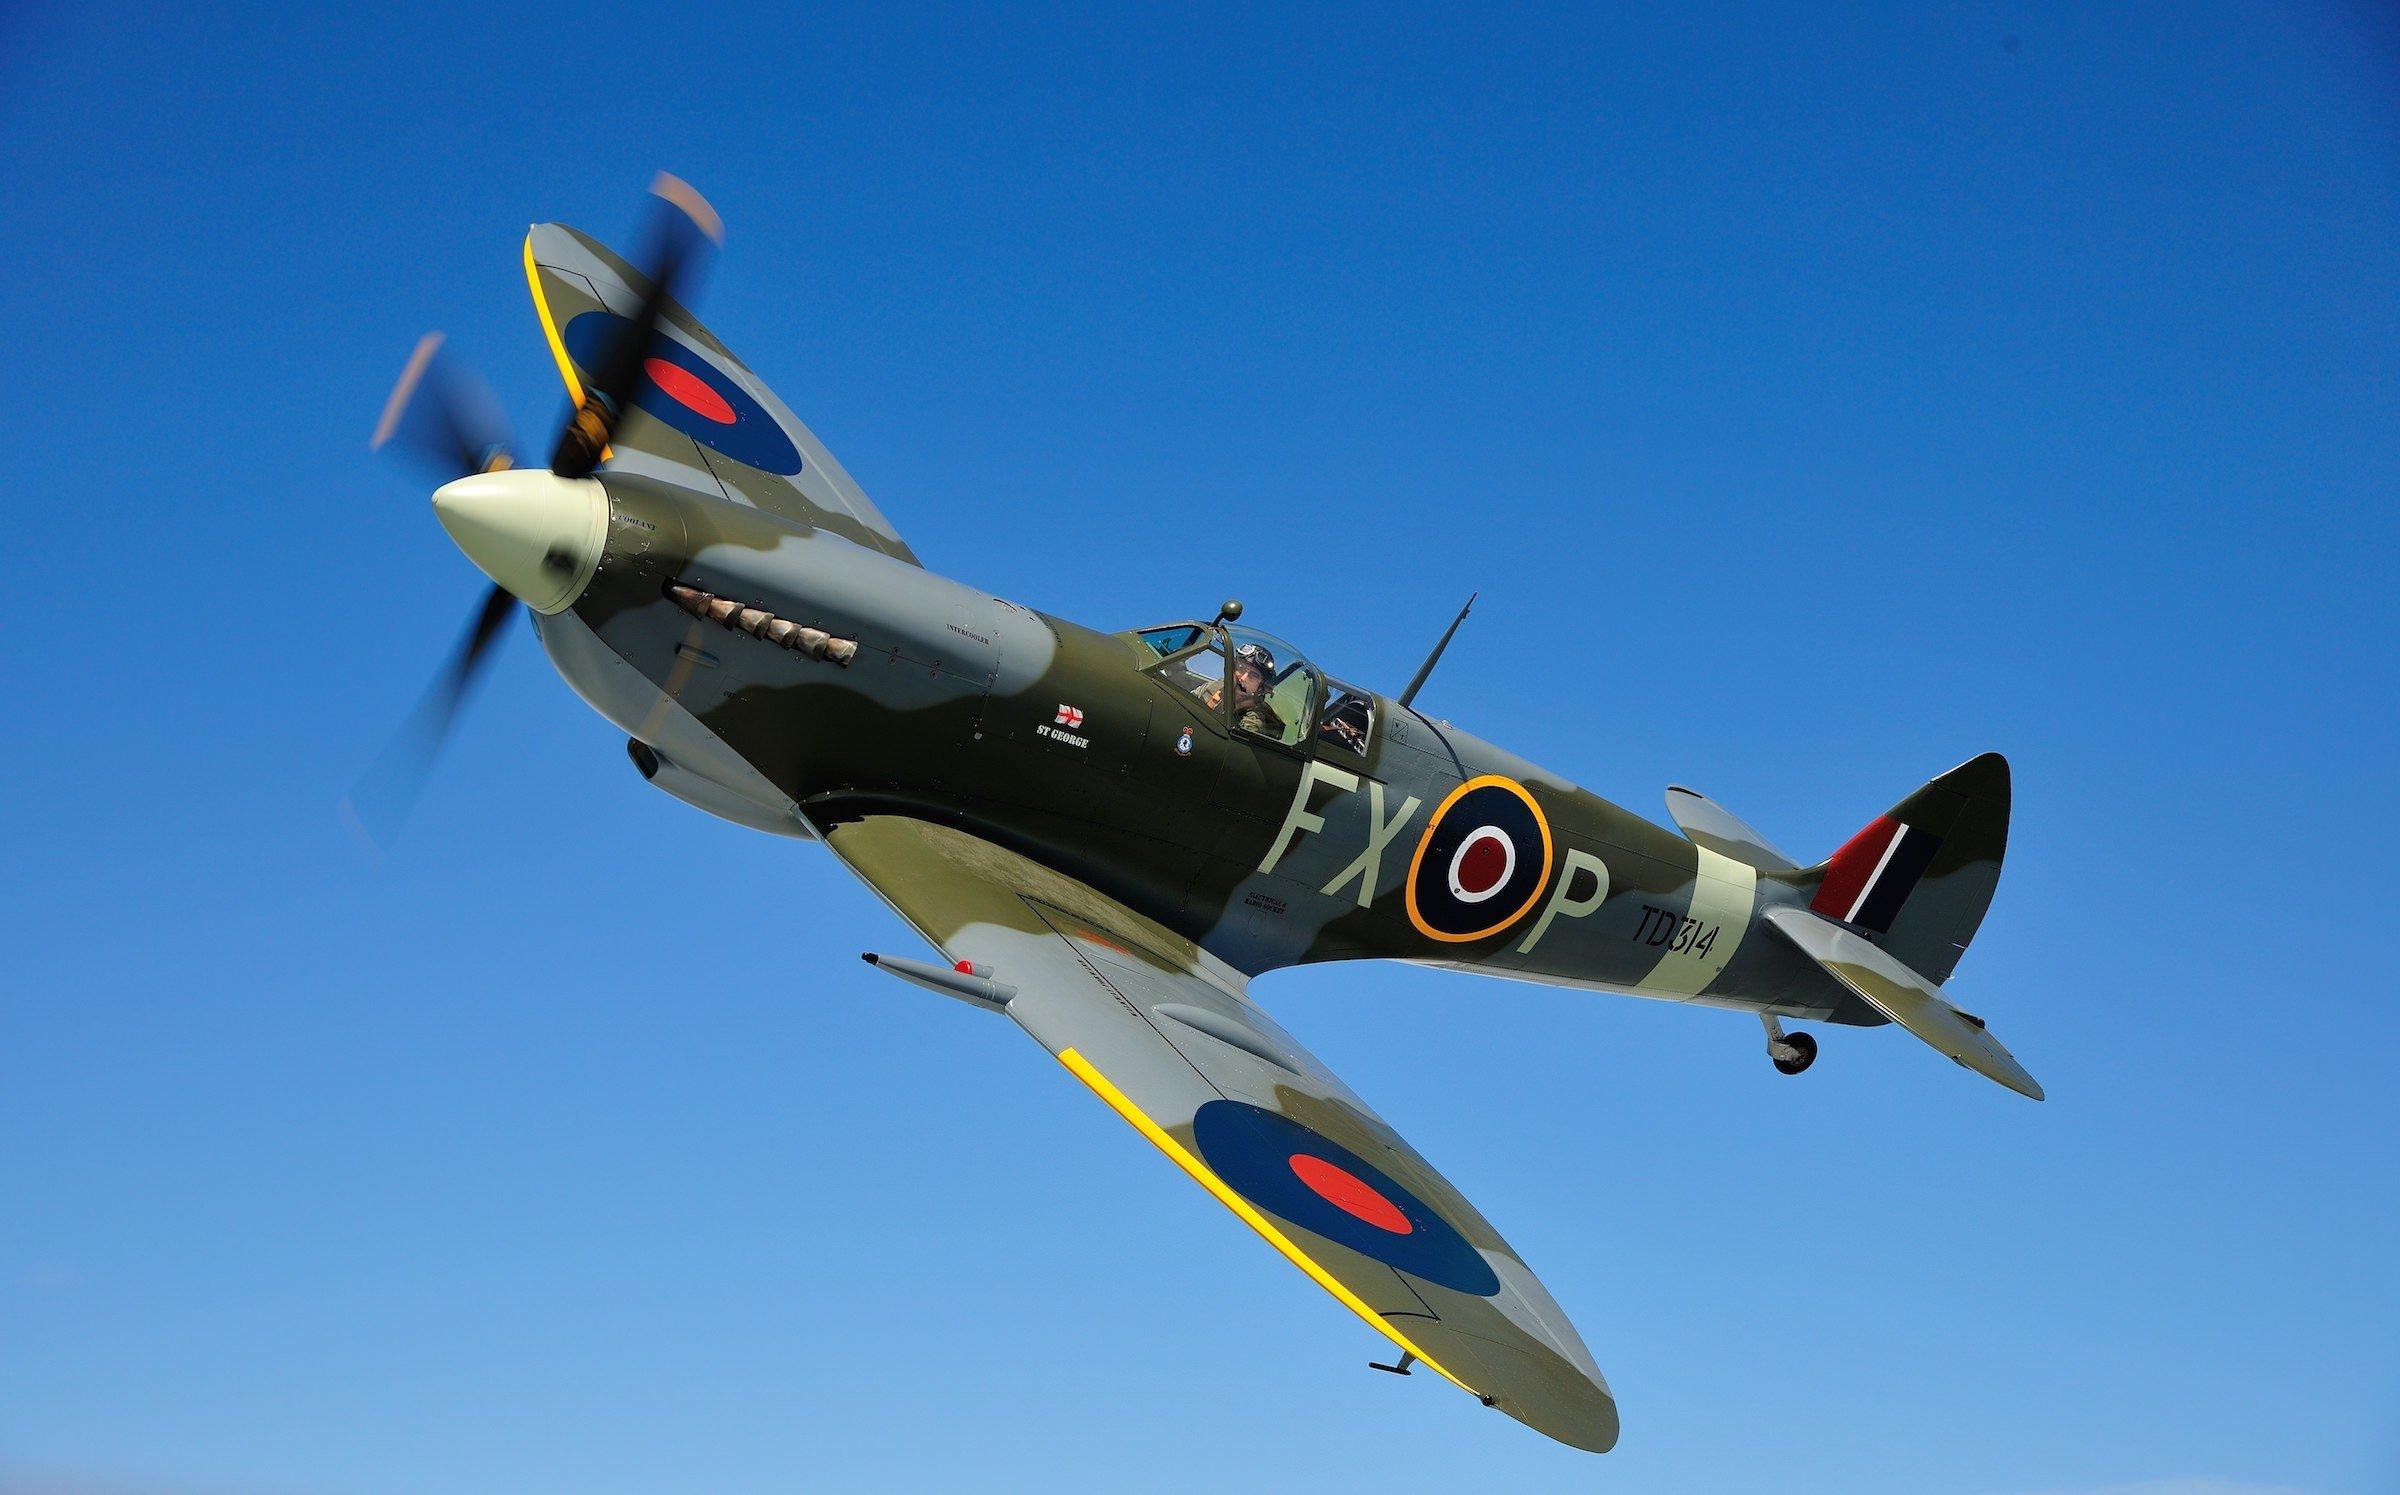 Spitfire MK IX TD314 - A Merlin 70-Powered High Level ...